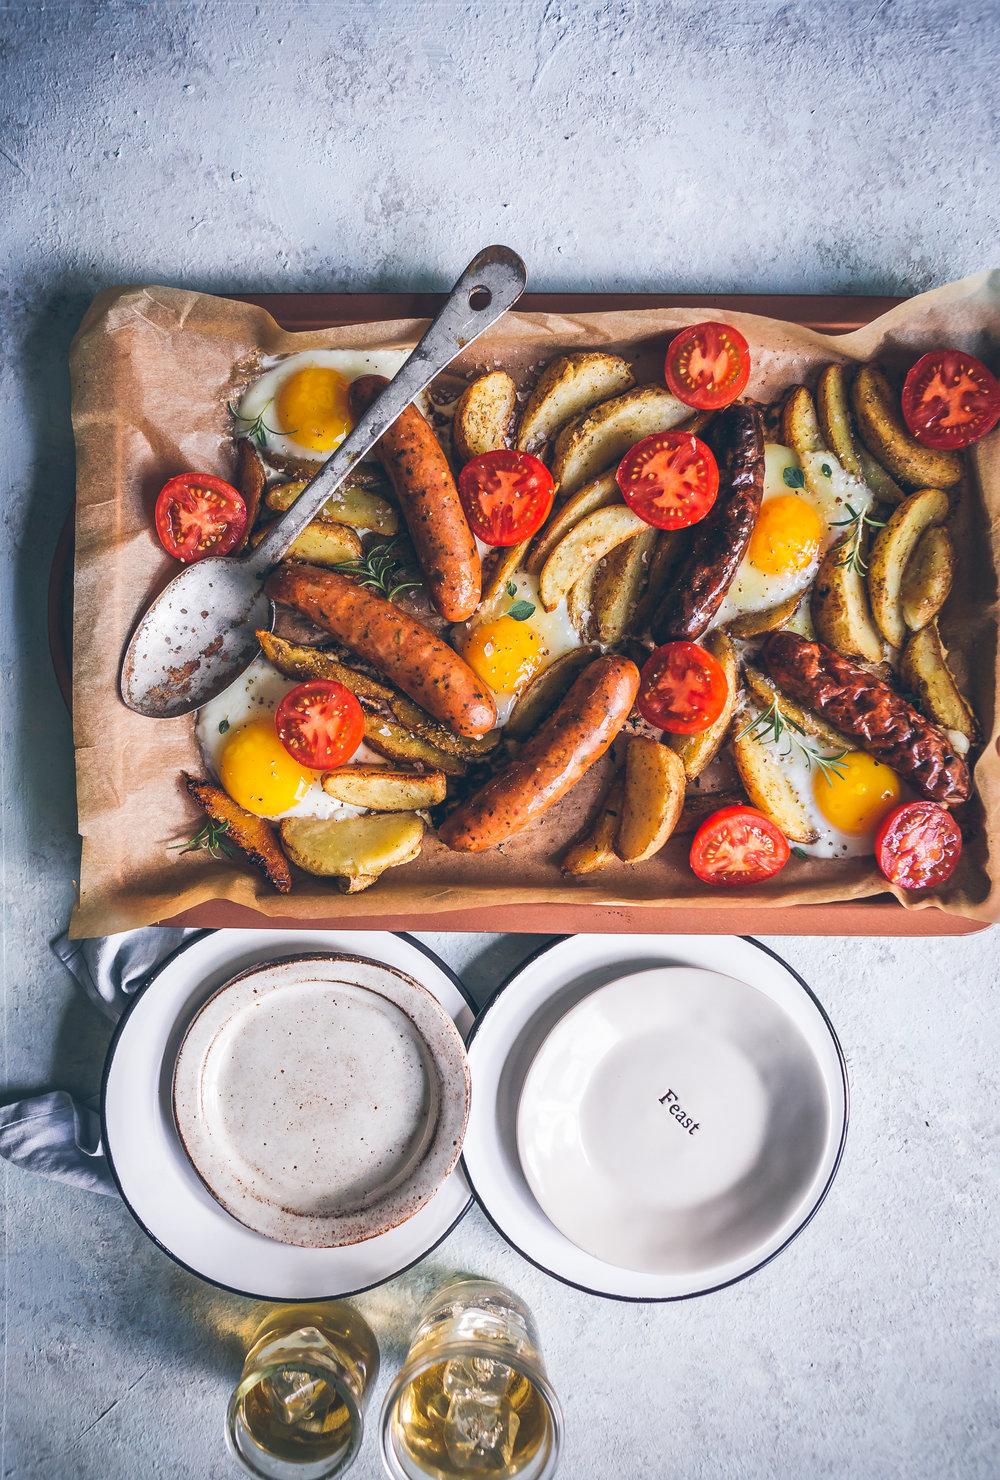 2017-09-05 Sausage Breakfast Bake 7.jpg